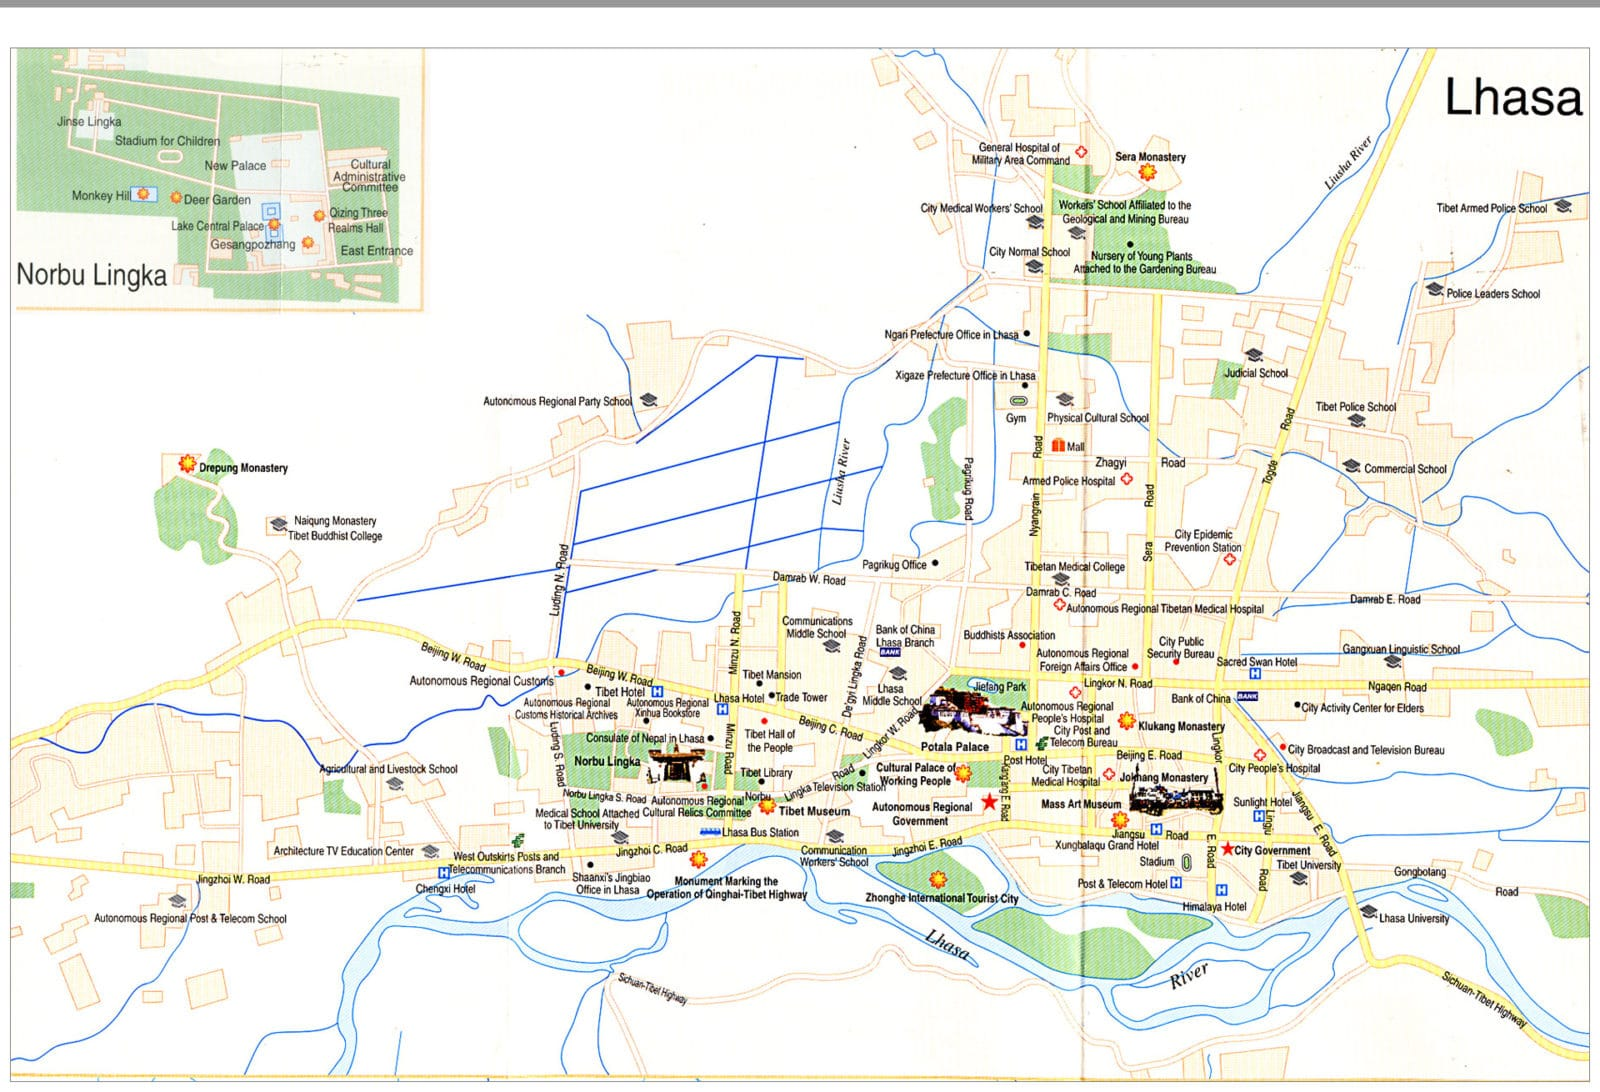 Lhasa, Tibet city tourist map